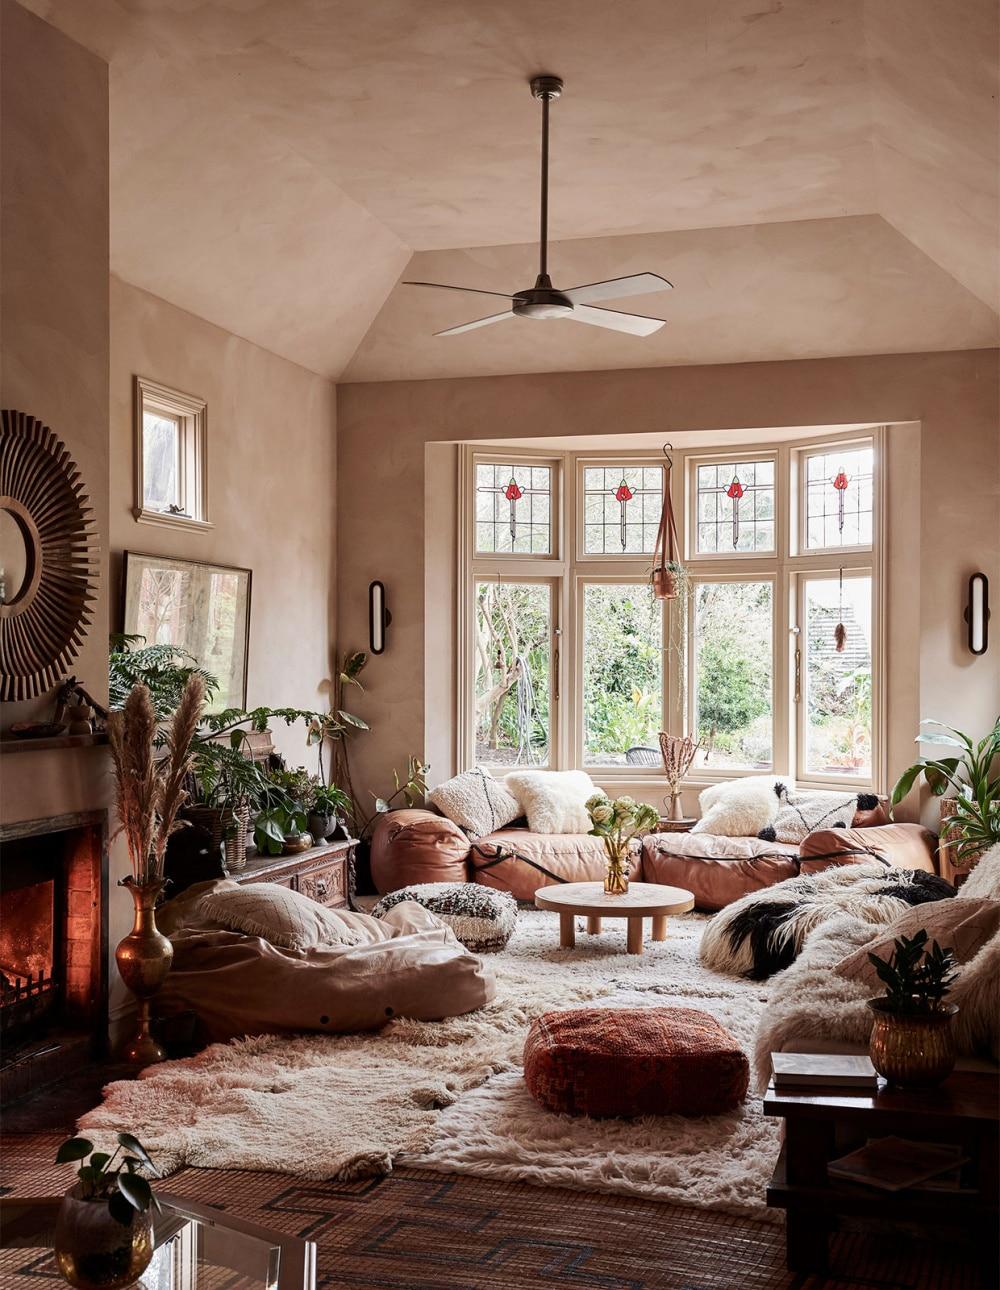 Przytulny dom wMelbourne